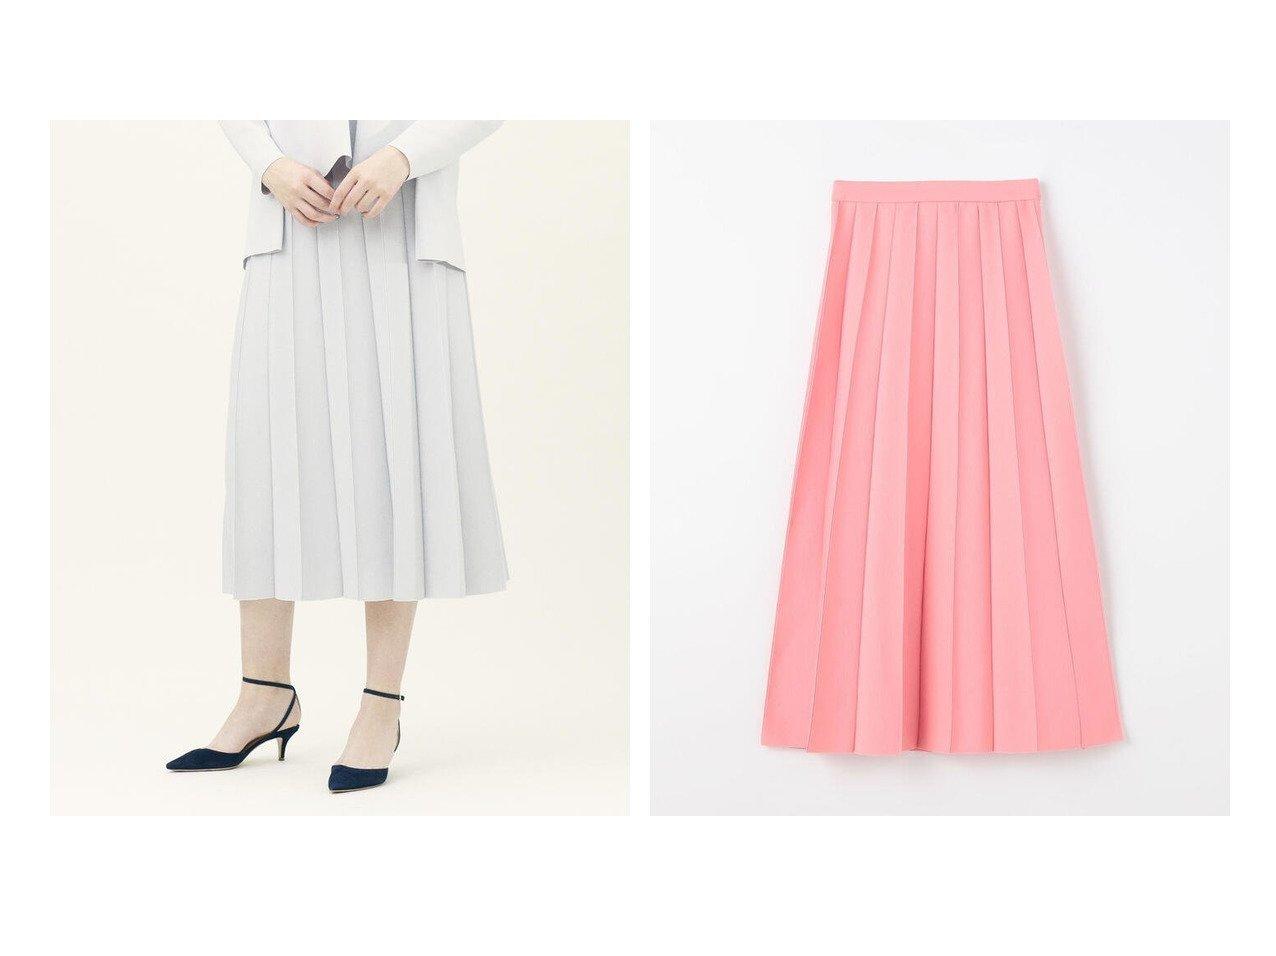 【TOMORROWLAND BALLSEY/トゥモローランド ボールジー】のミラノリブ フレアミディスカート スカートのおすすめ!人気、トレンド・レディースファッションの通販 おすすめで人気の流行・トレンド、ファッションの通販商品 メンズファッション・キッズファッション・インテリア・家具・レディースファッション・服の通販 founy(ファニー) https://founy.com/ ファッション Fashion レディースファッション WOMEN スカート Skirt Aライン/フレアスカート Flared A-Line Skirts NEW・新作・新着・新入荷 New Arrivals おすすめ Recommend ギャザー ストレッチ フレア ベーシック ミラノリブ 人気 定番 Standard |ID:crp329100000023885